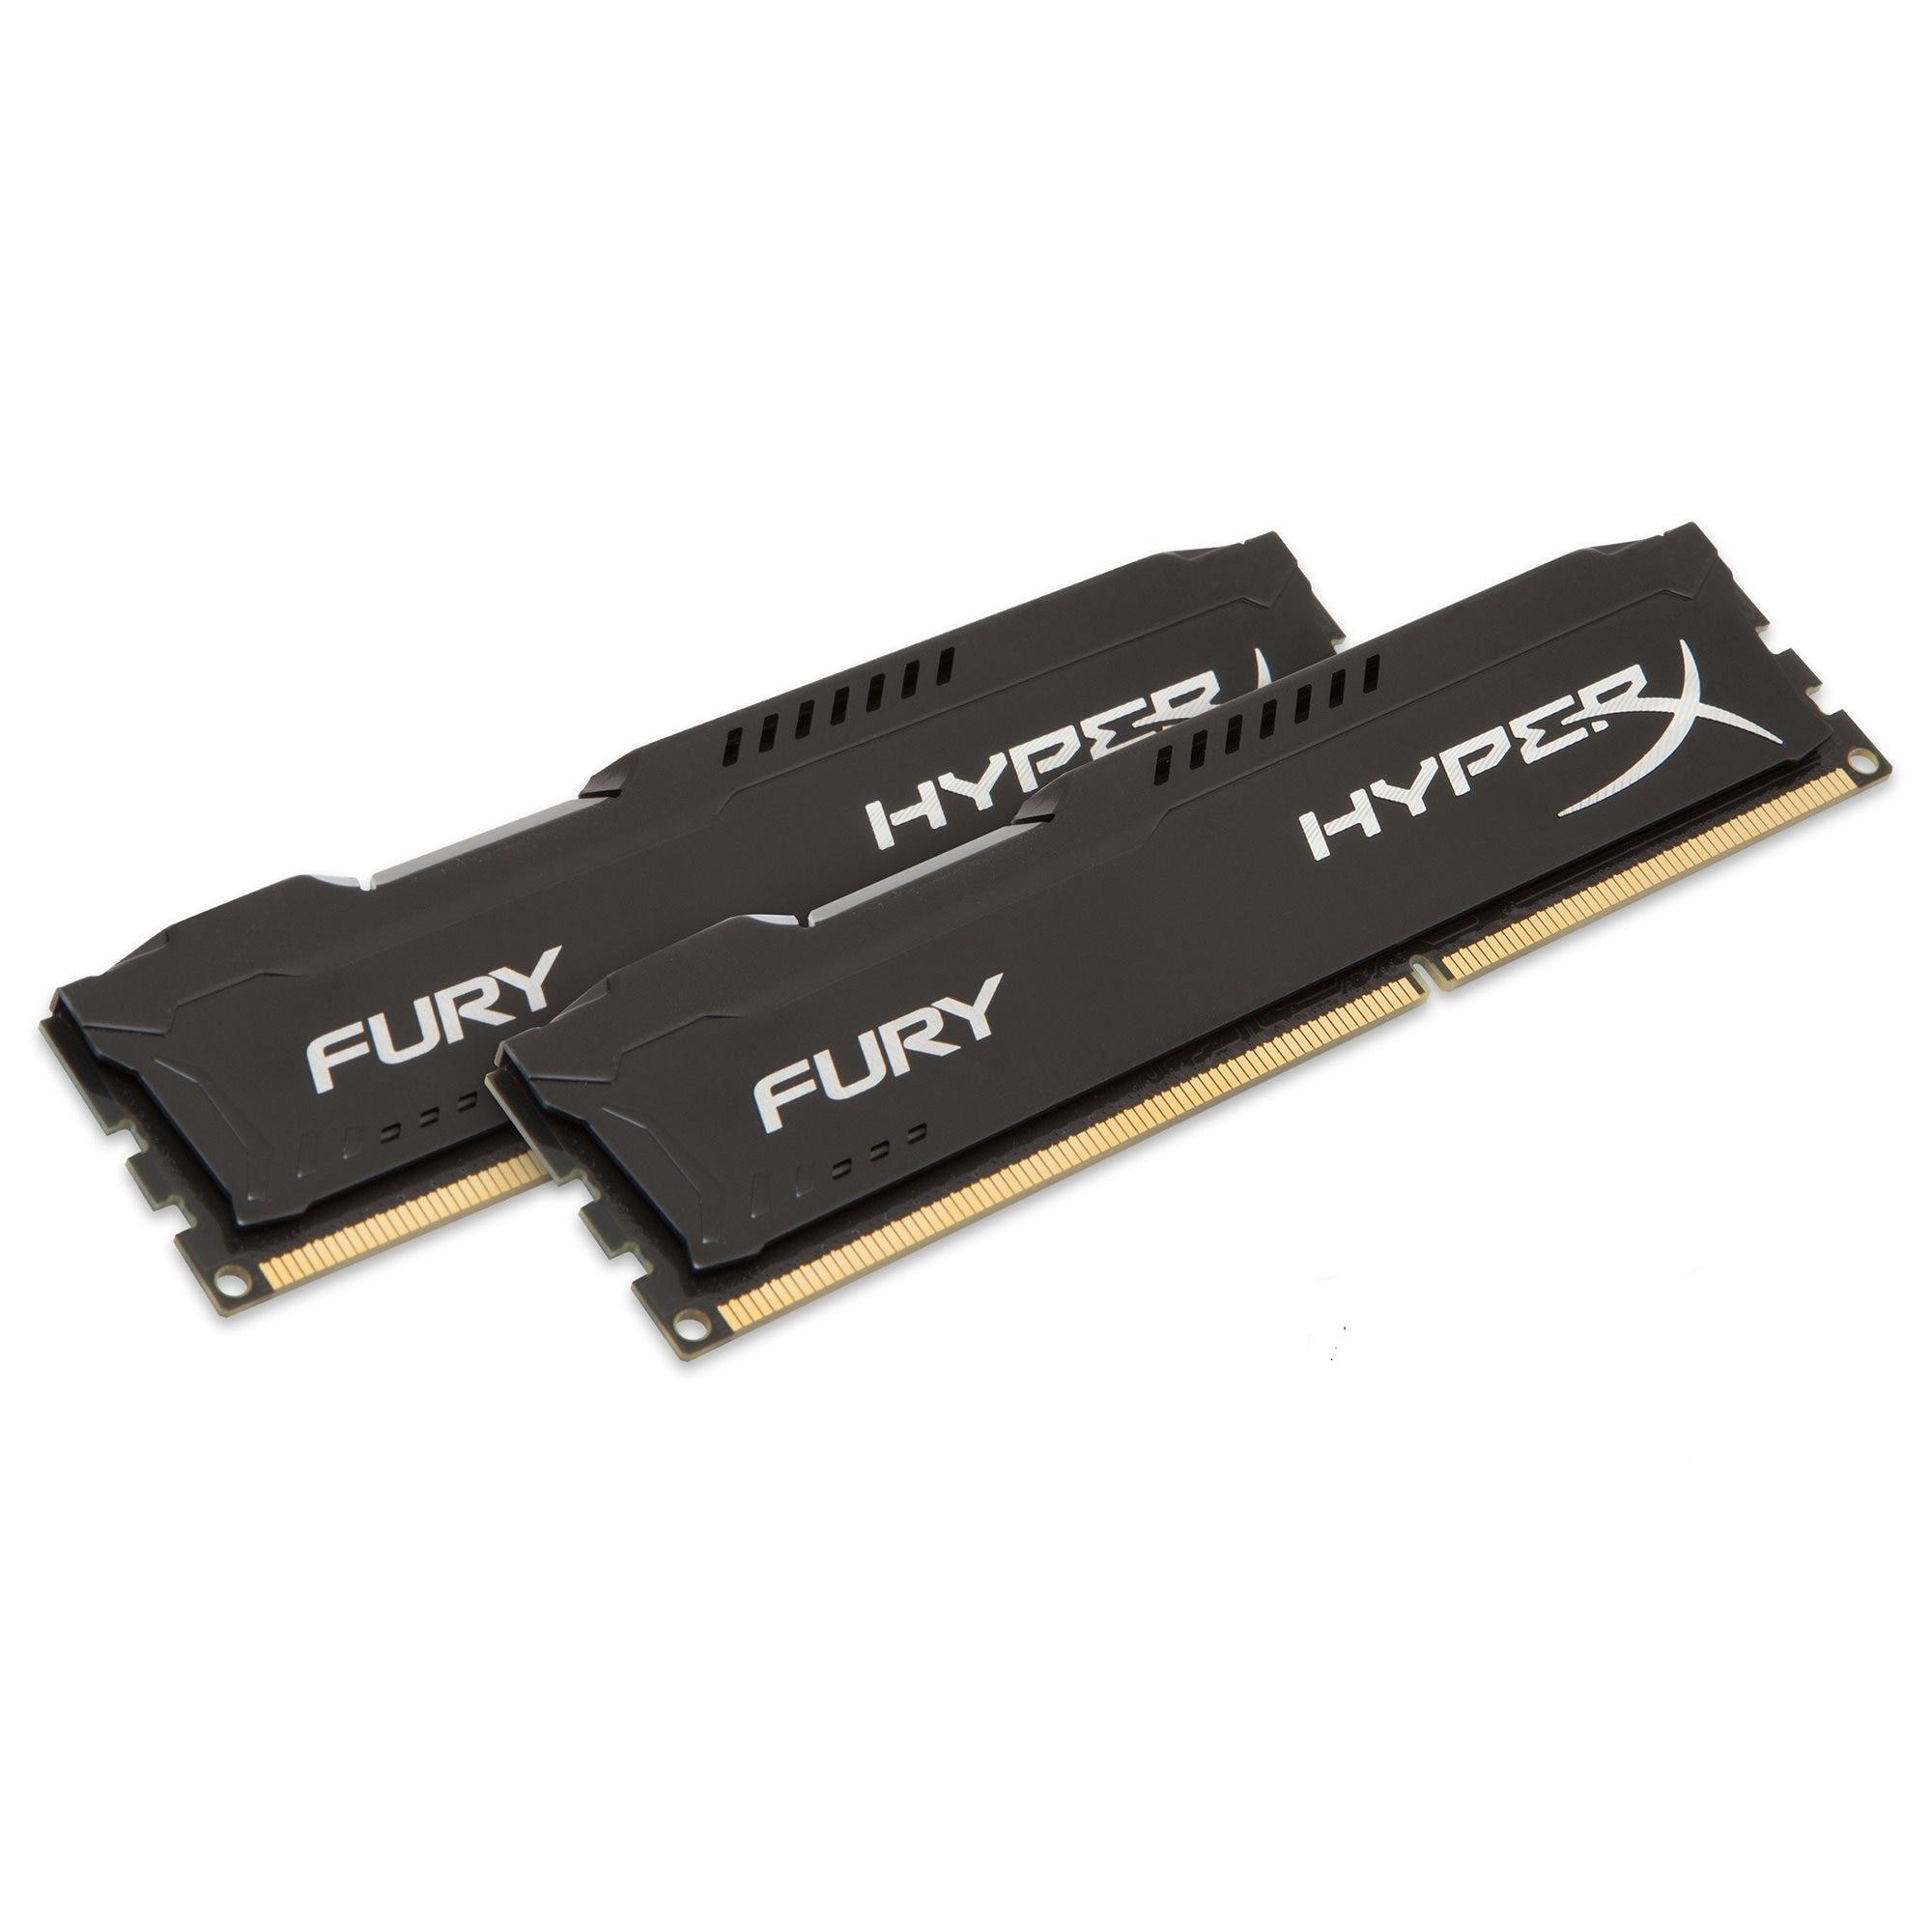 Fotografie Memorie HyperX FURY Black 16GB, DDR3, 1600MHz, CL10, 1.5V, kit 2x8GB